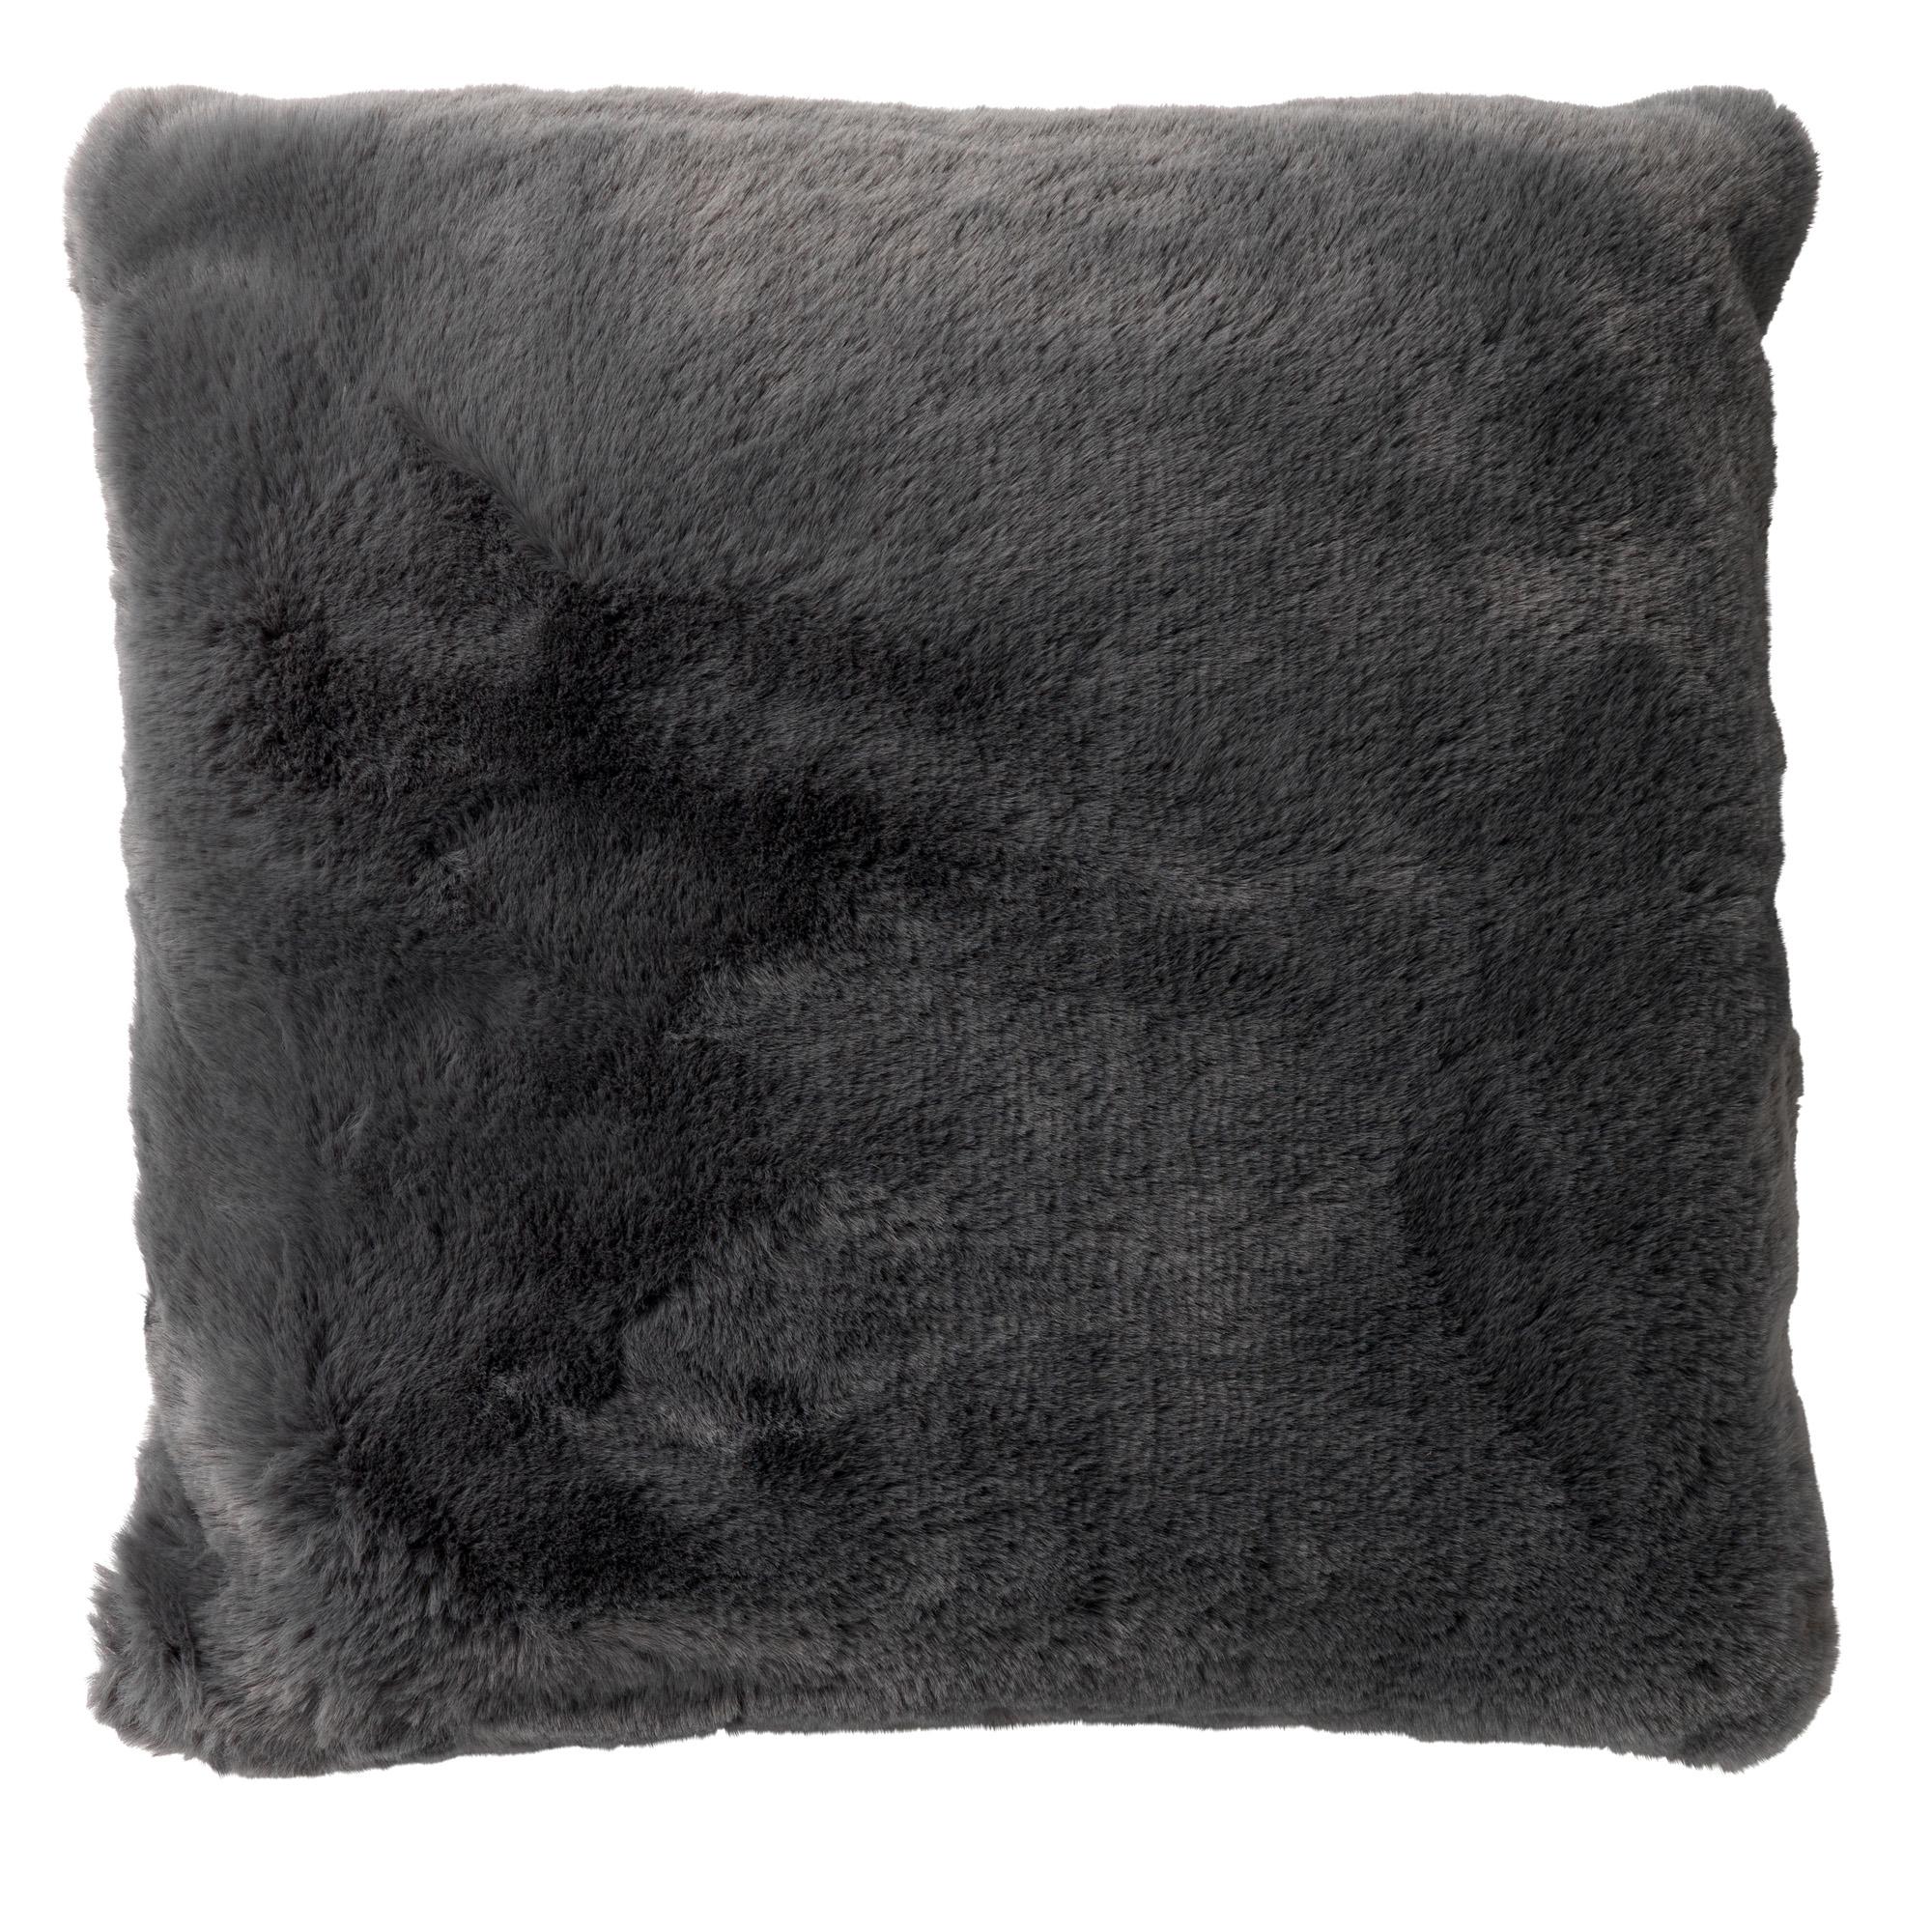 ZAYA - Sierkussen unikleur Charcoal Grey 45x45 cm